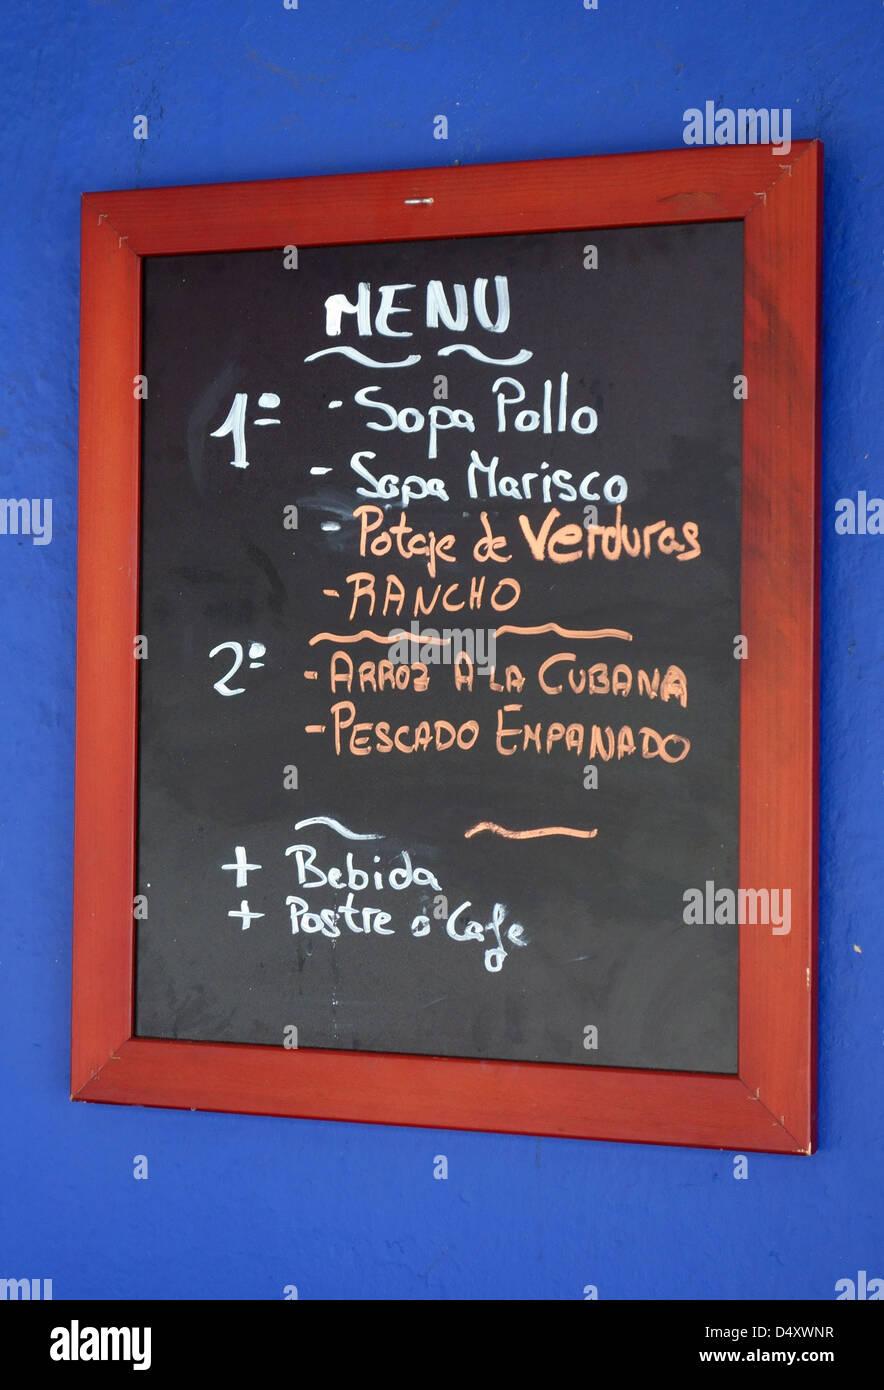 Menu del Dia (Mittagsmenü) außerhalb Restaurants auf Teneriffa, Kanarische Inseln Stockbild